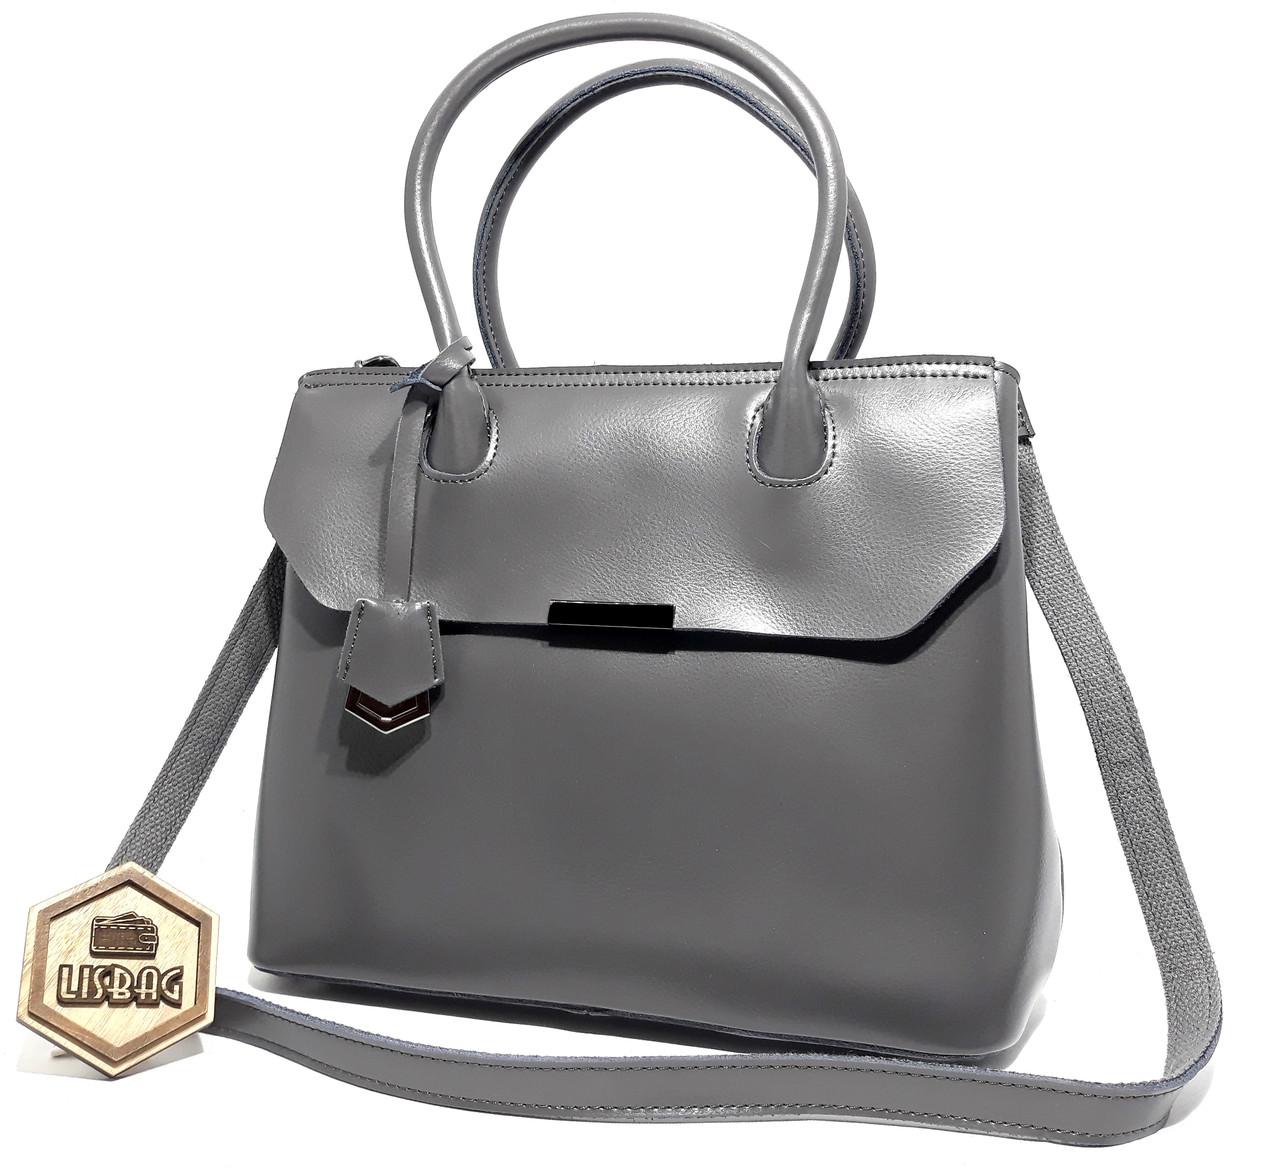 79f25b5b3de2 Женская средняя вместительная женская кожаная повседневная сумка Galanty,  Серая